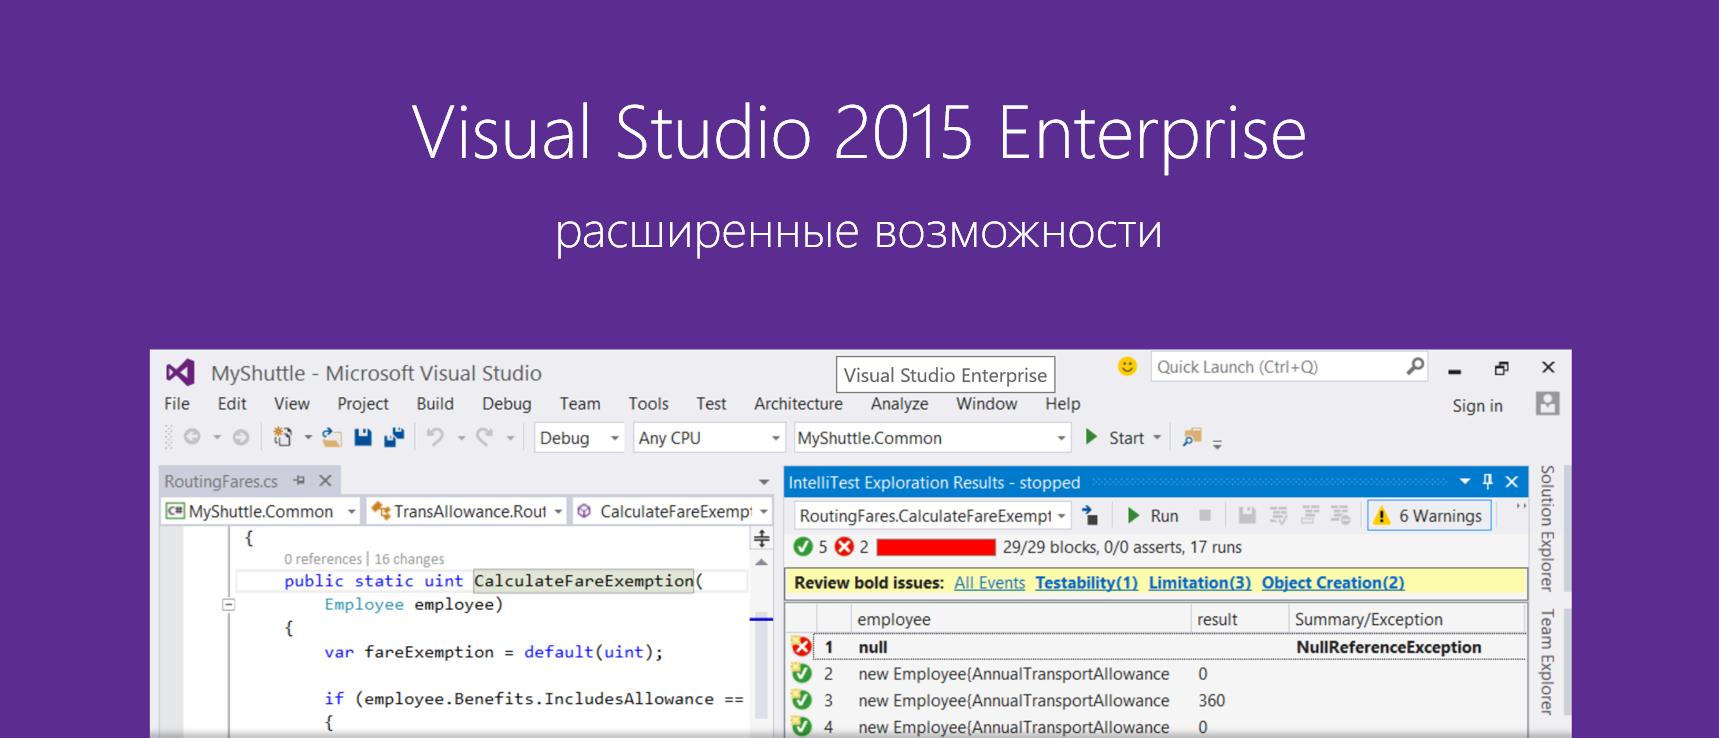 7 расширенных возможностей Visual Studio 2015 Enterprise